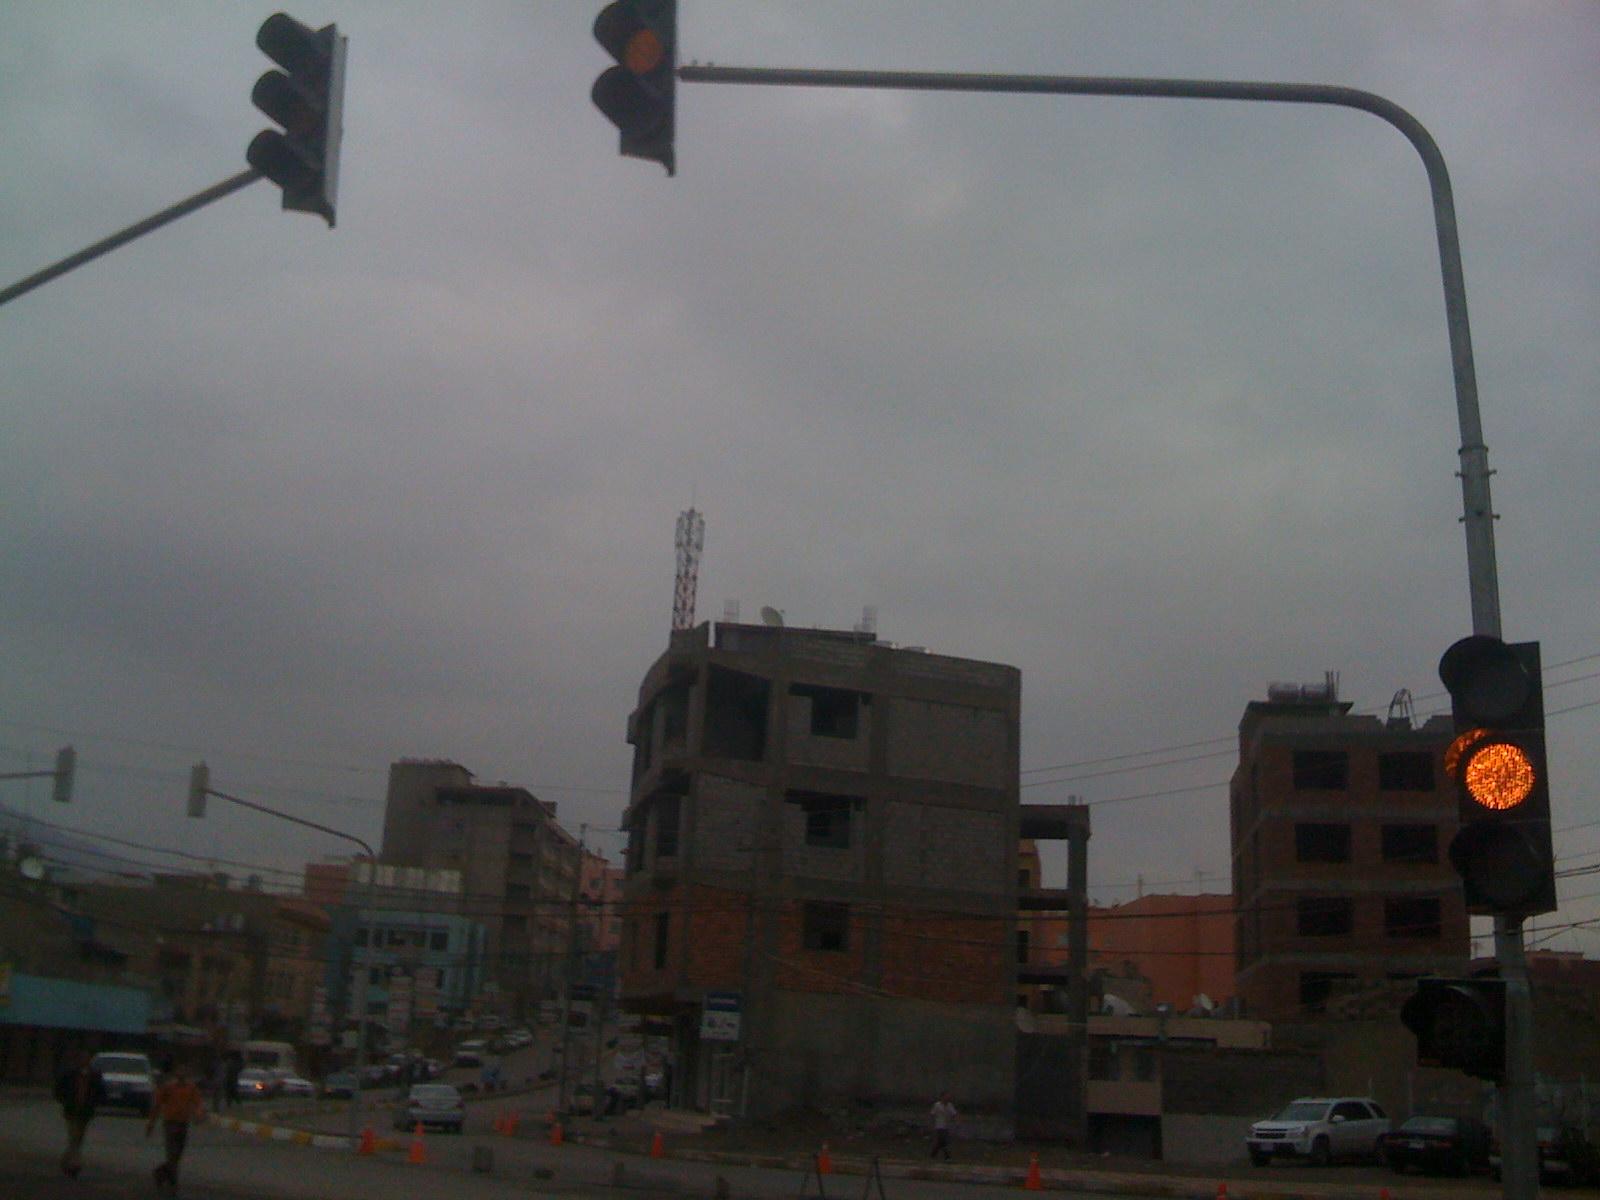 Kuzey Irakta 42  kavşak kurulumu tamamlanmıştır.